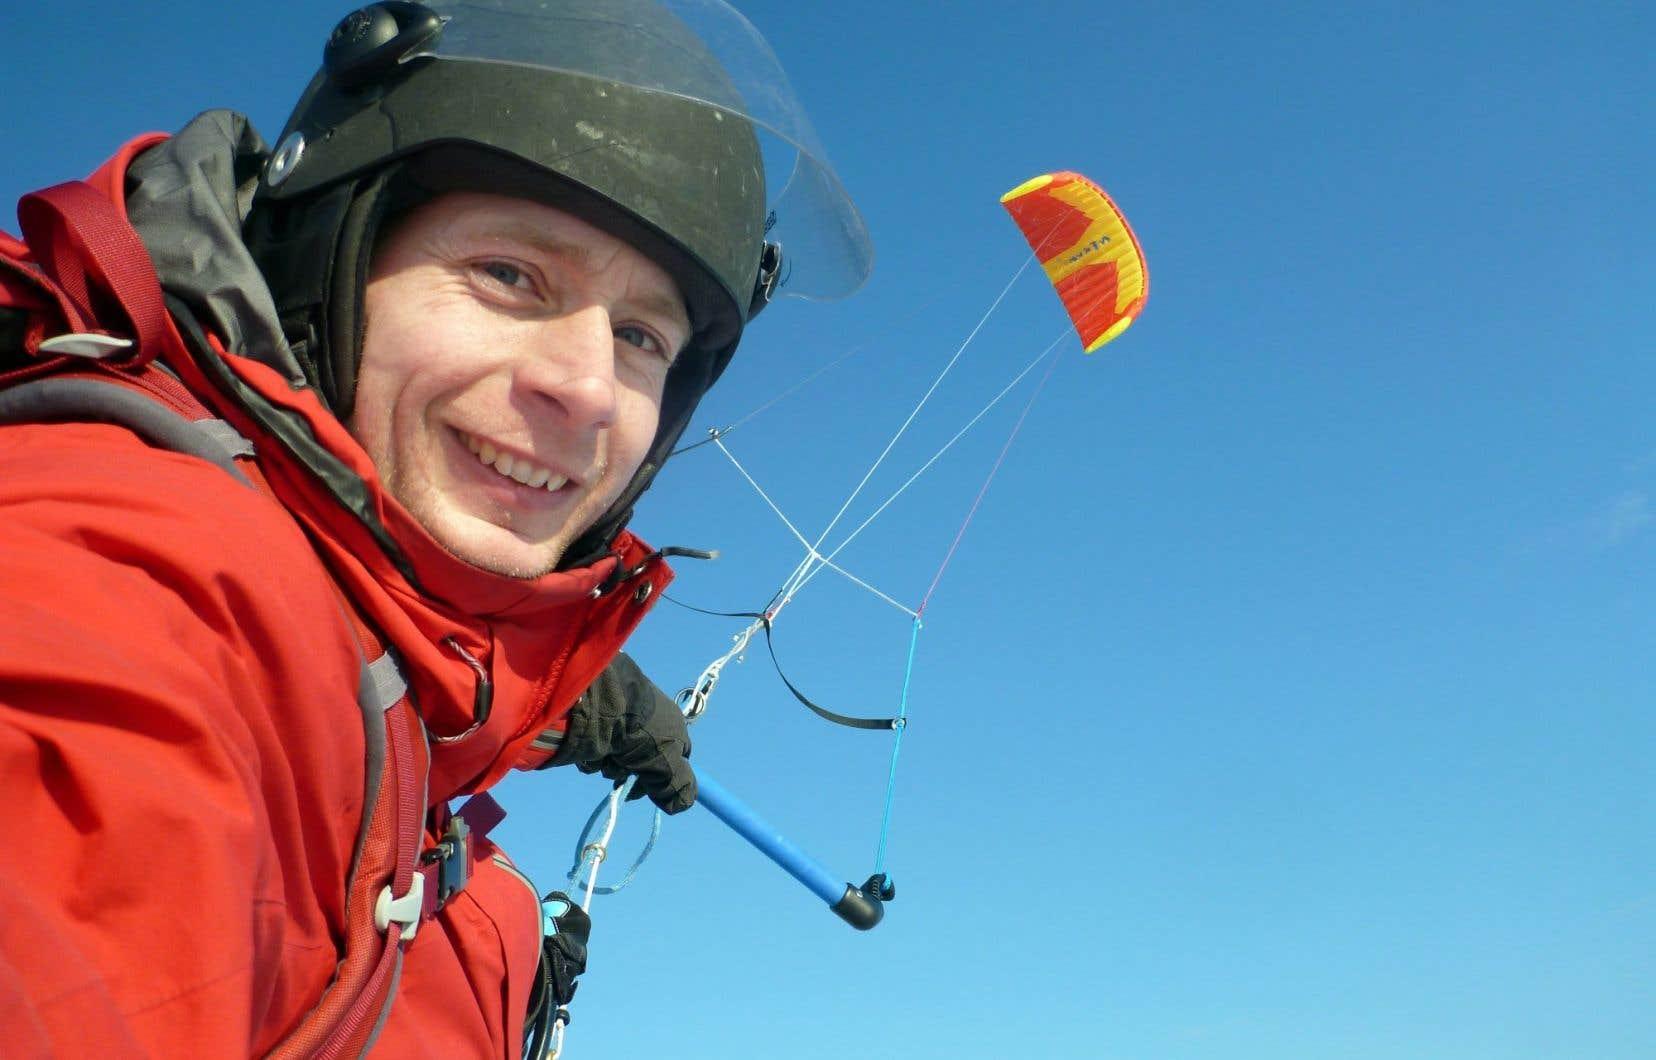 Propulsé par un cerf-volant, Frédéric Dion a réussi à atteindre en solitaire le point du continent antarctique le plus éloigné de toute côte. On voit ici l'aventurier lors d'une expédition précédente.